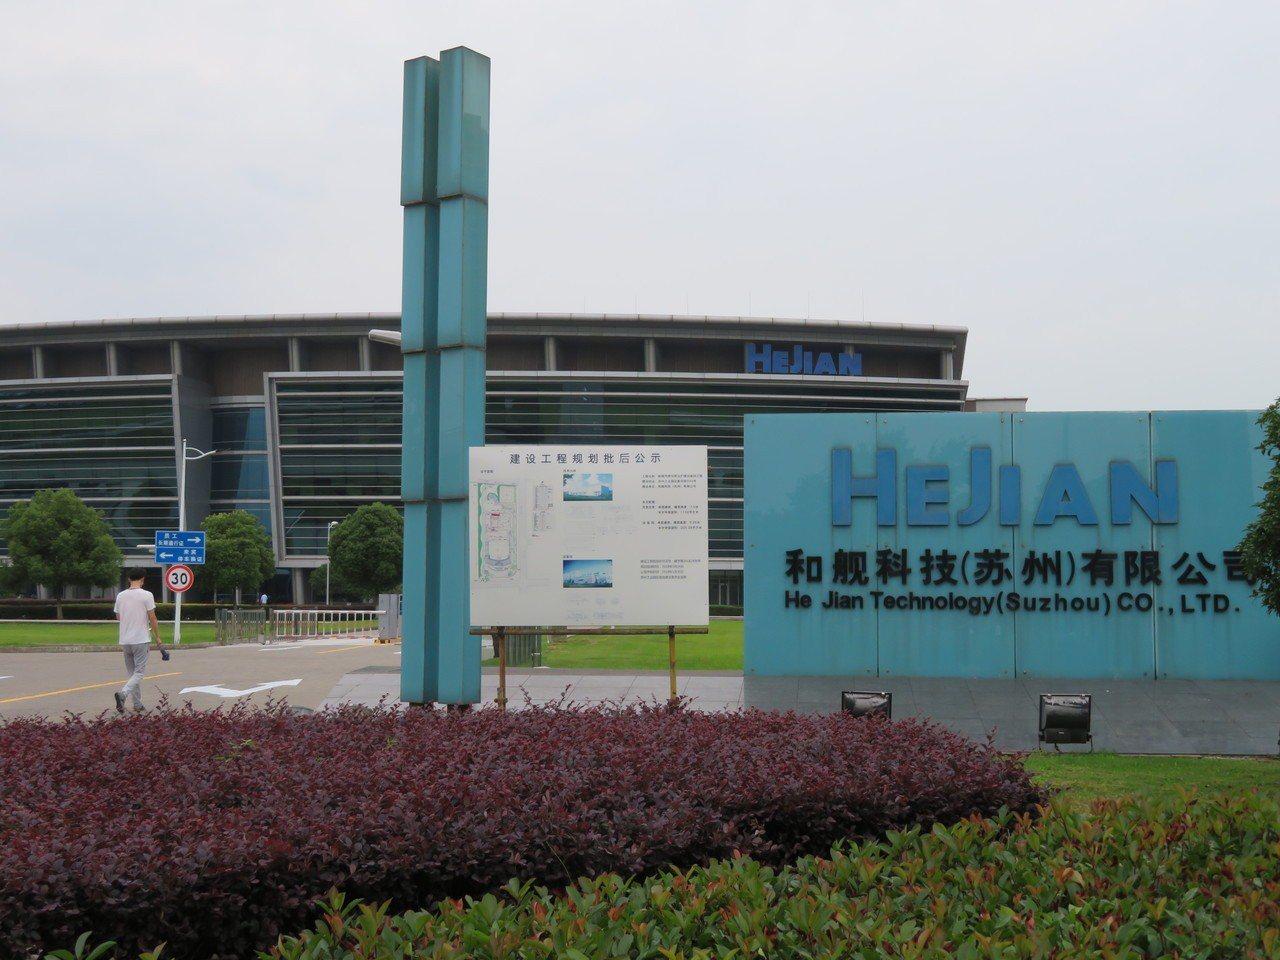 和艦申請在上海科創板上市,已為上海證券交易所受理。(本報系資料庫)